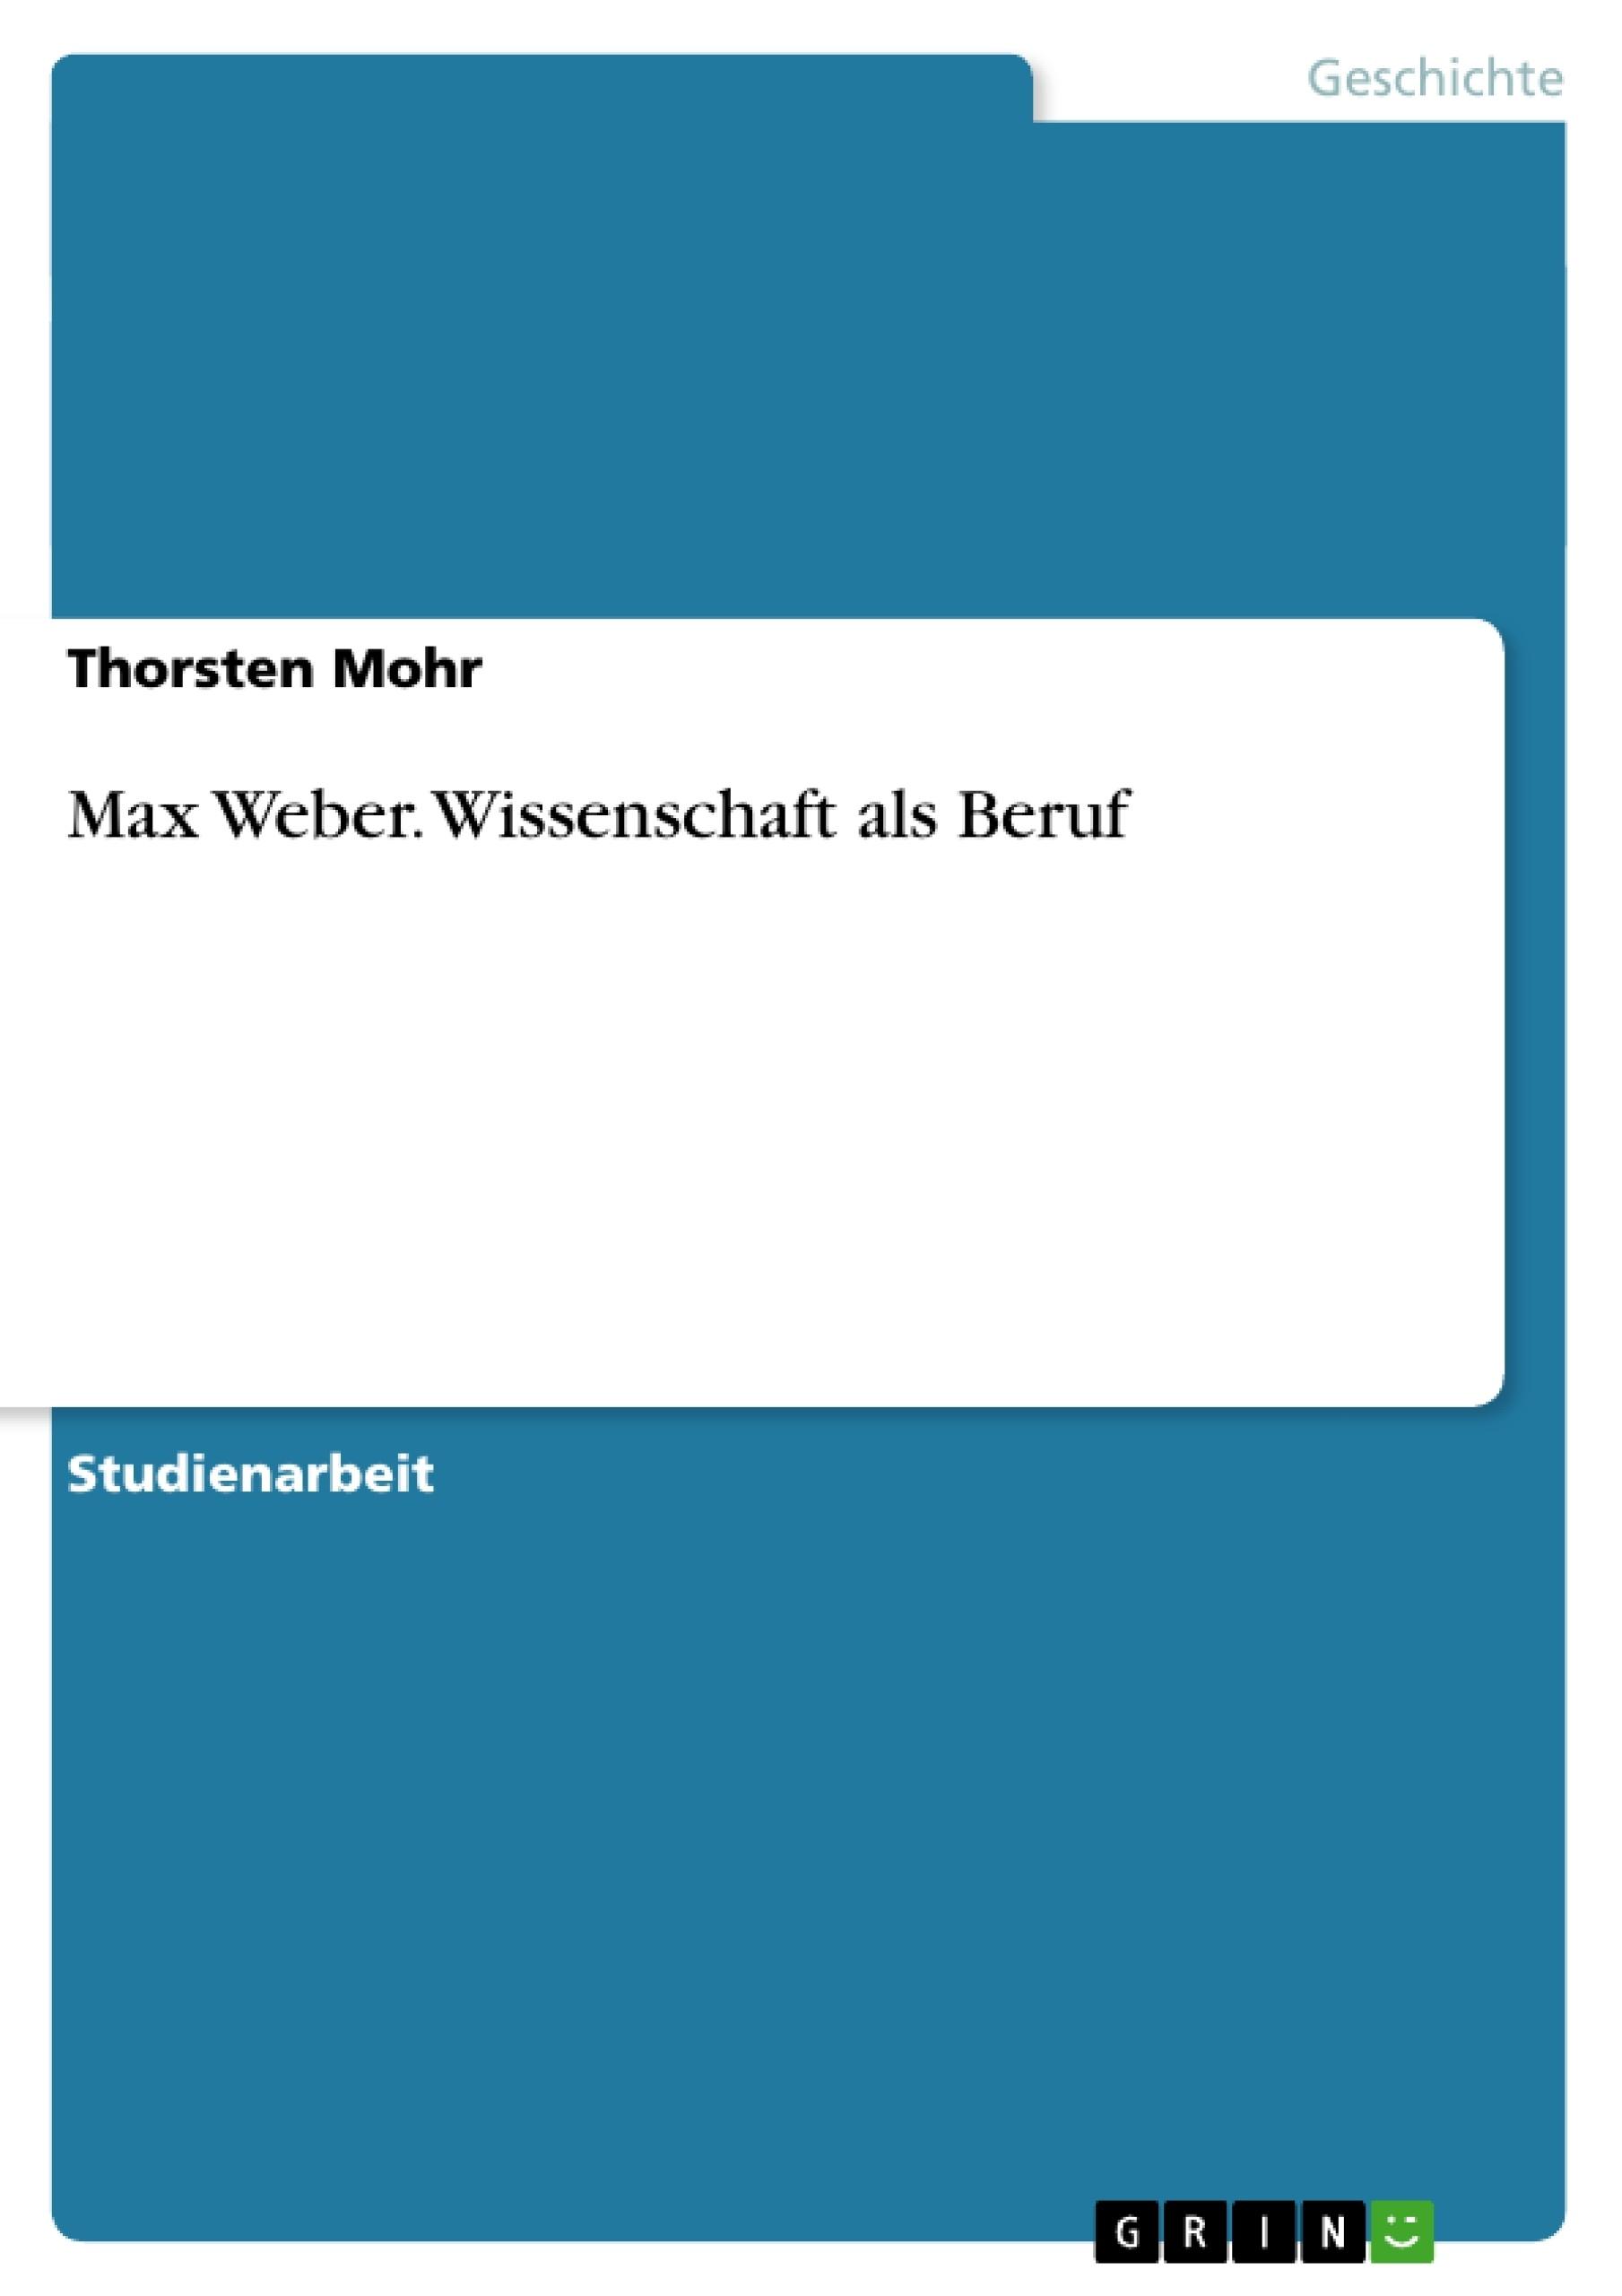 Titel: Max Weber. Wissenschaft als Beruf